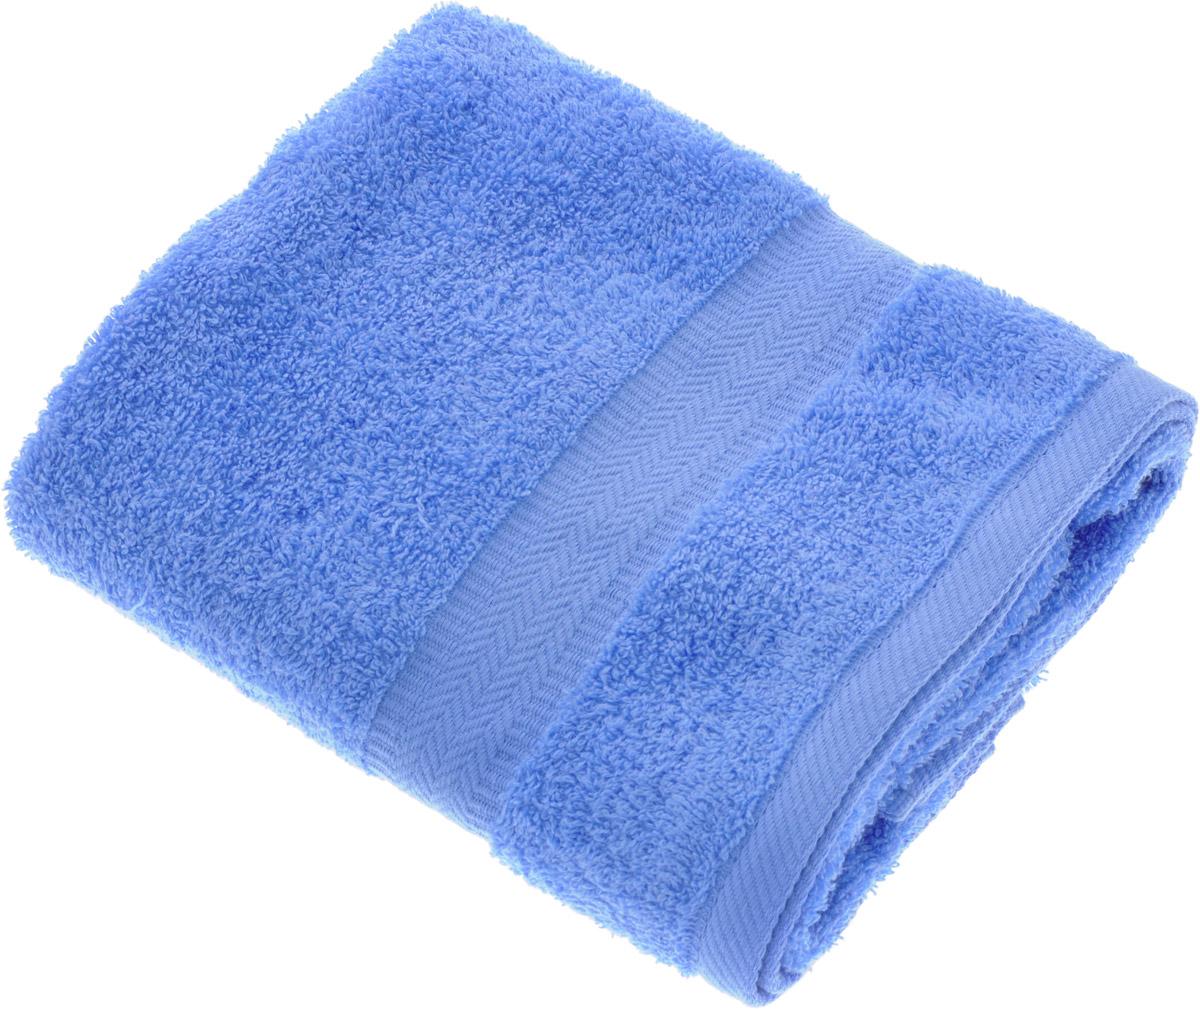 Полотенце Aquarelle Настроение, цвет: синий, 50 х 90 см. 706271706271Полотенце Aquarelle Настроение выполнено из 100% хлопка. Изделие отлично впитывает влагу, быстро сохнет, сохраняет яркость цвета и не теряет форму даже после многократных стирок. Такое полотенце очень практично и неприхотливо в уходе. Оно создаст прекрасное настроение и украсит интерьер в ванной комнате.